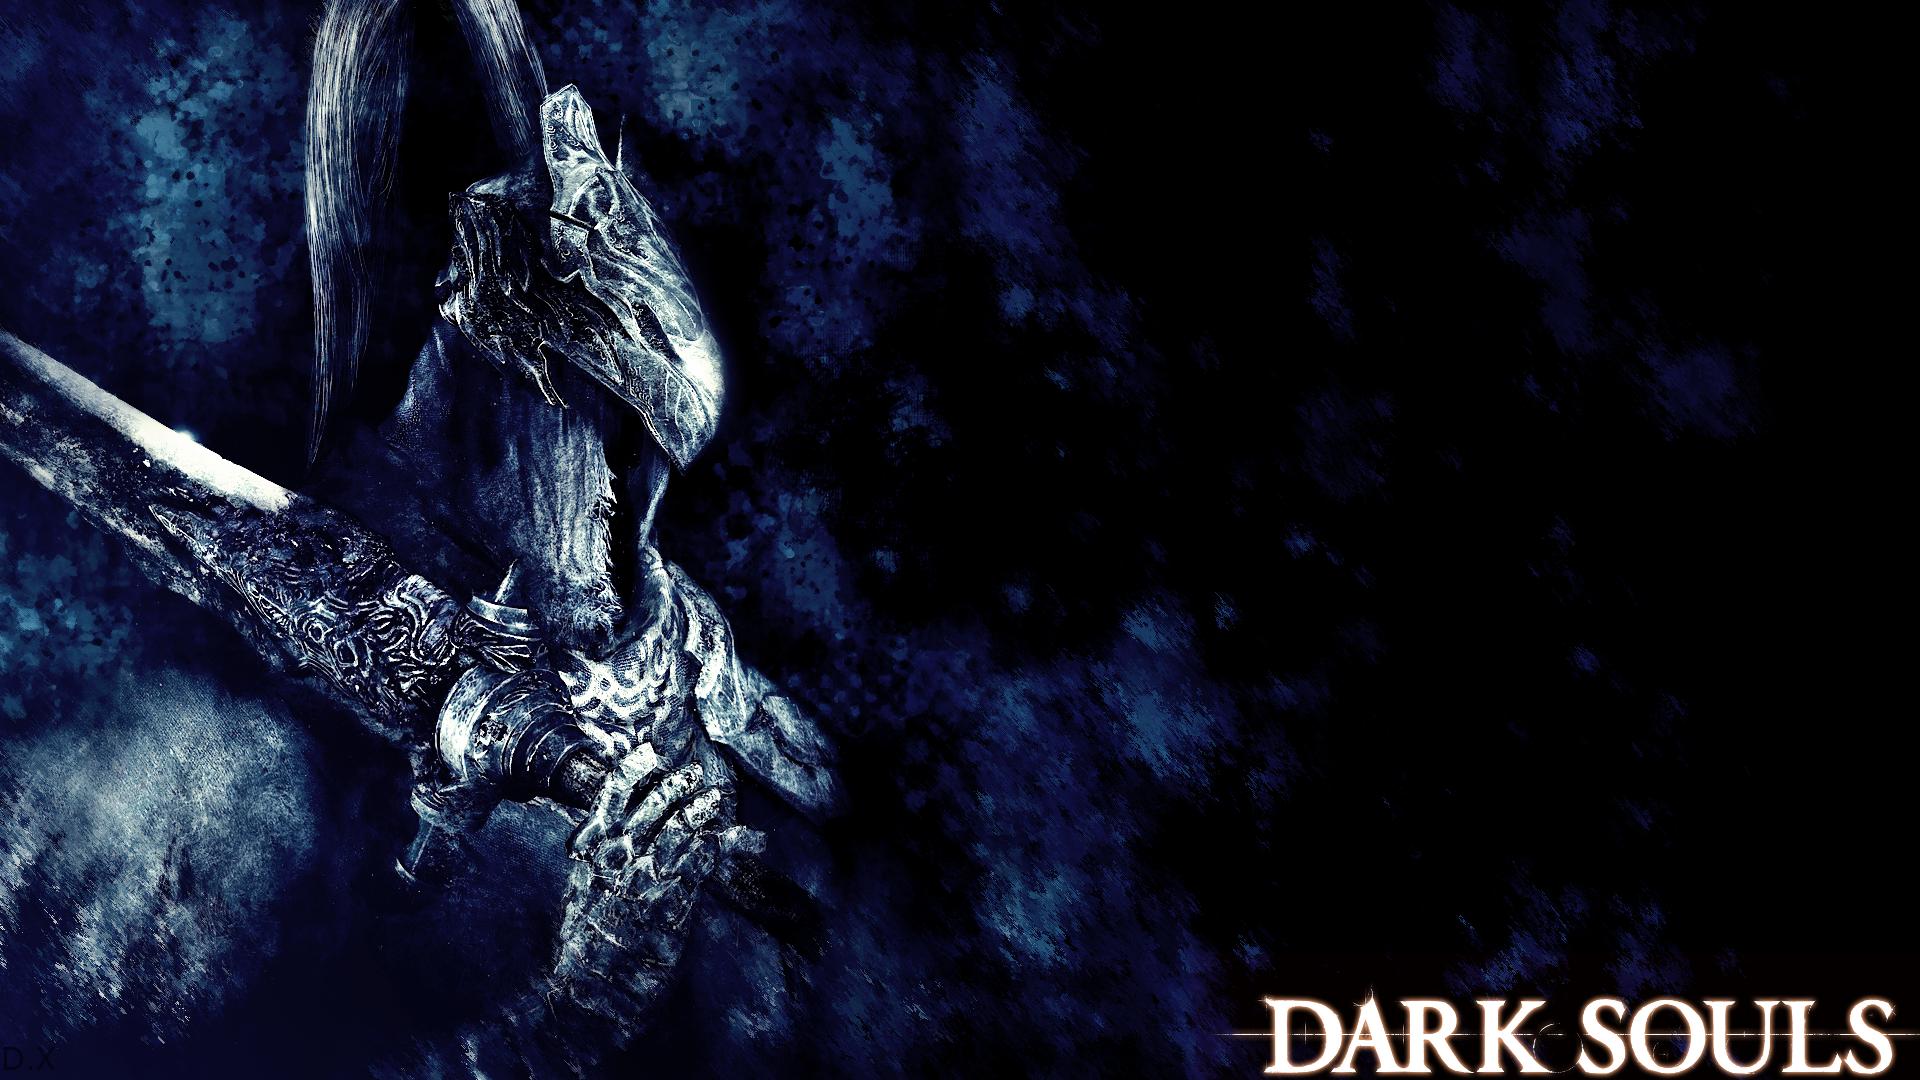 77 Dark Souls Wallpaper On Wallpapersafari